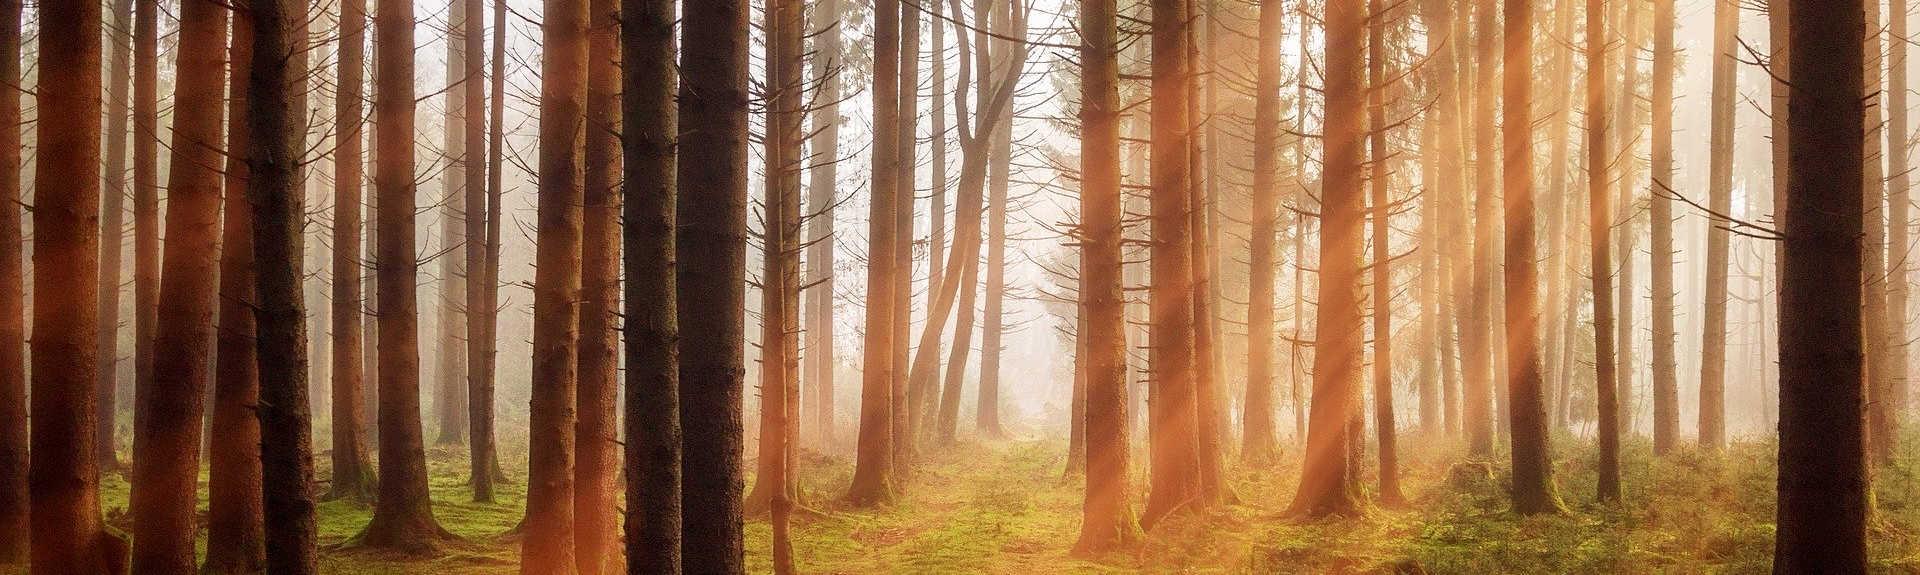 header - Fôret d'arbres sans feuilles sous un coucher de soleil